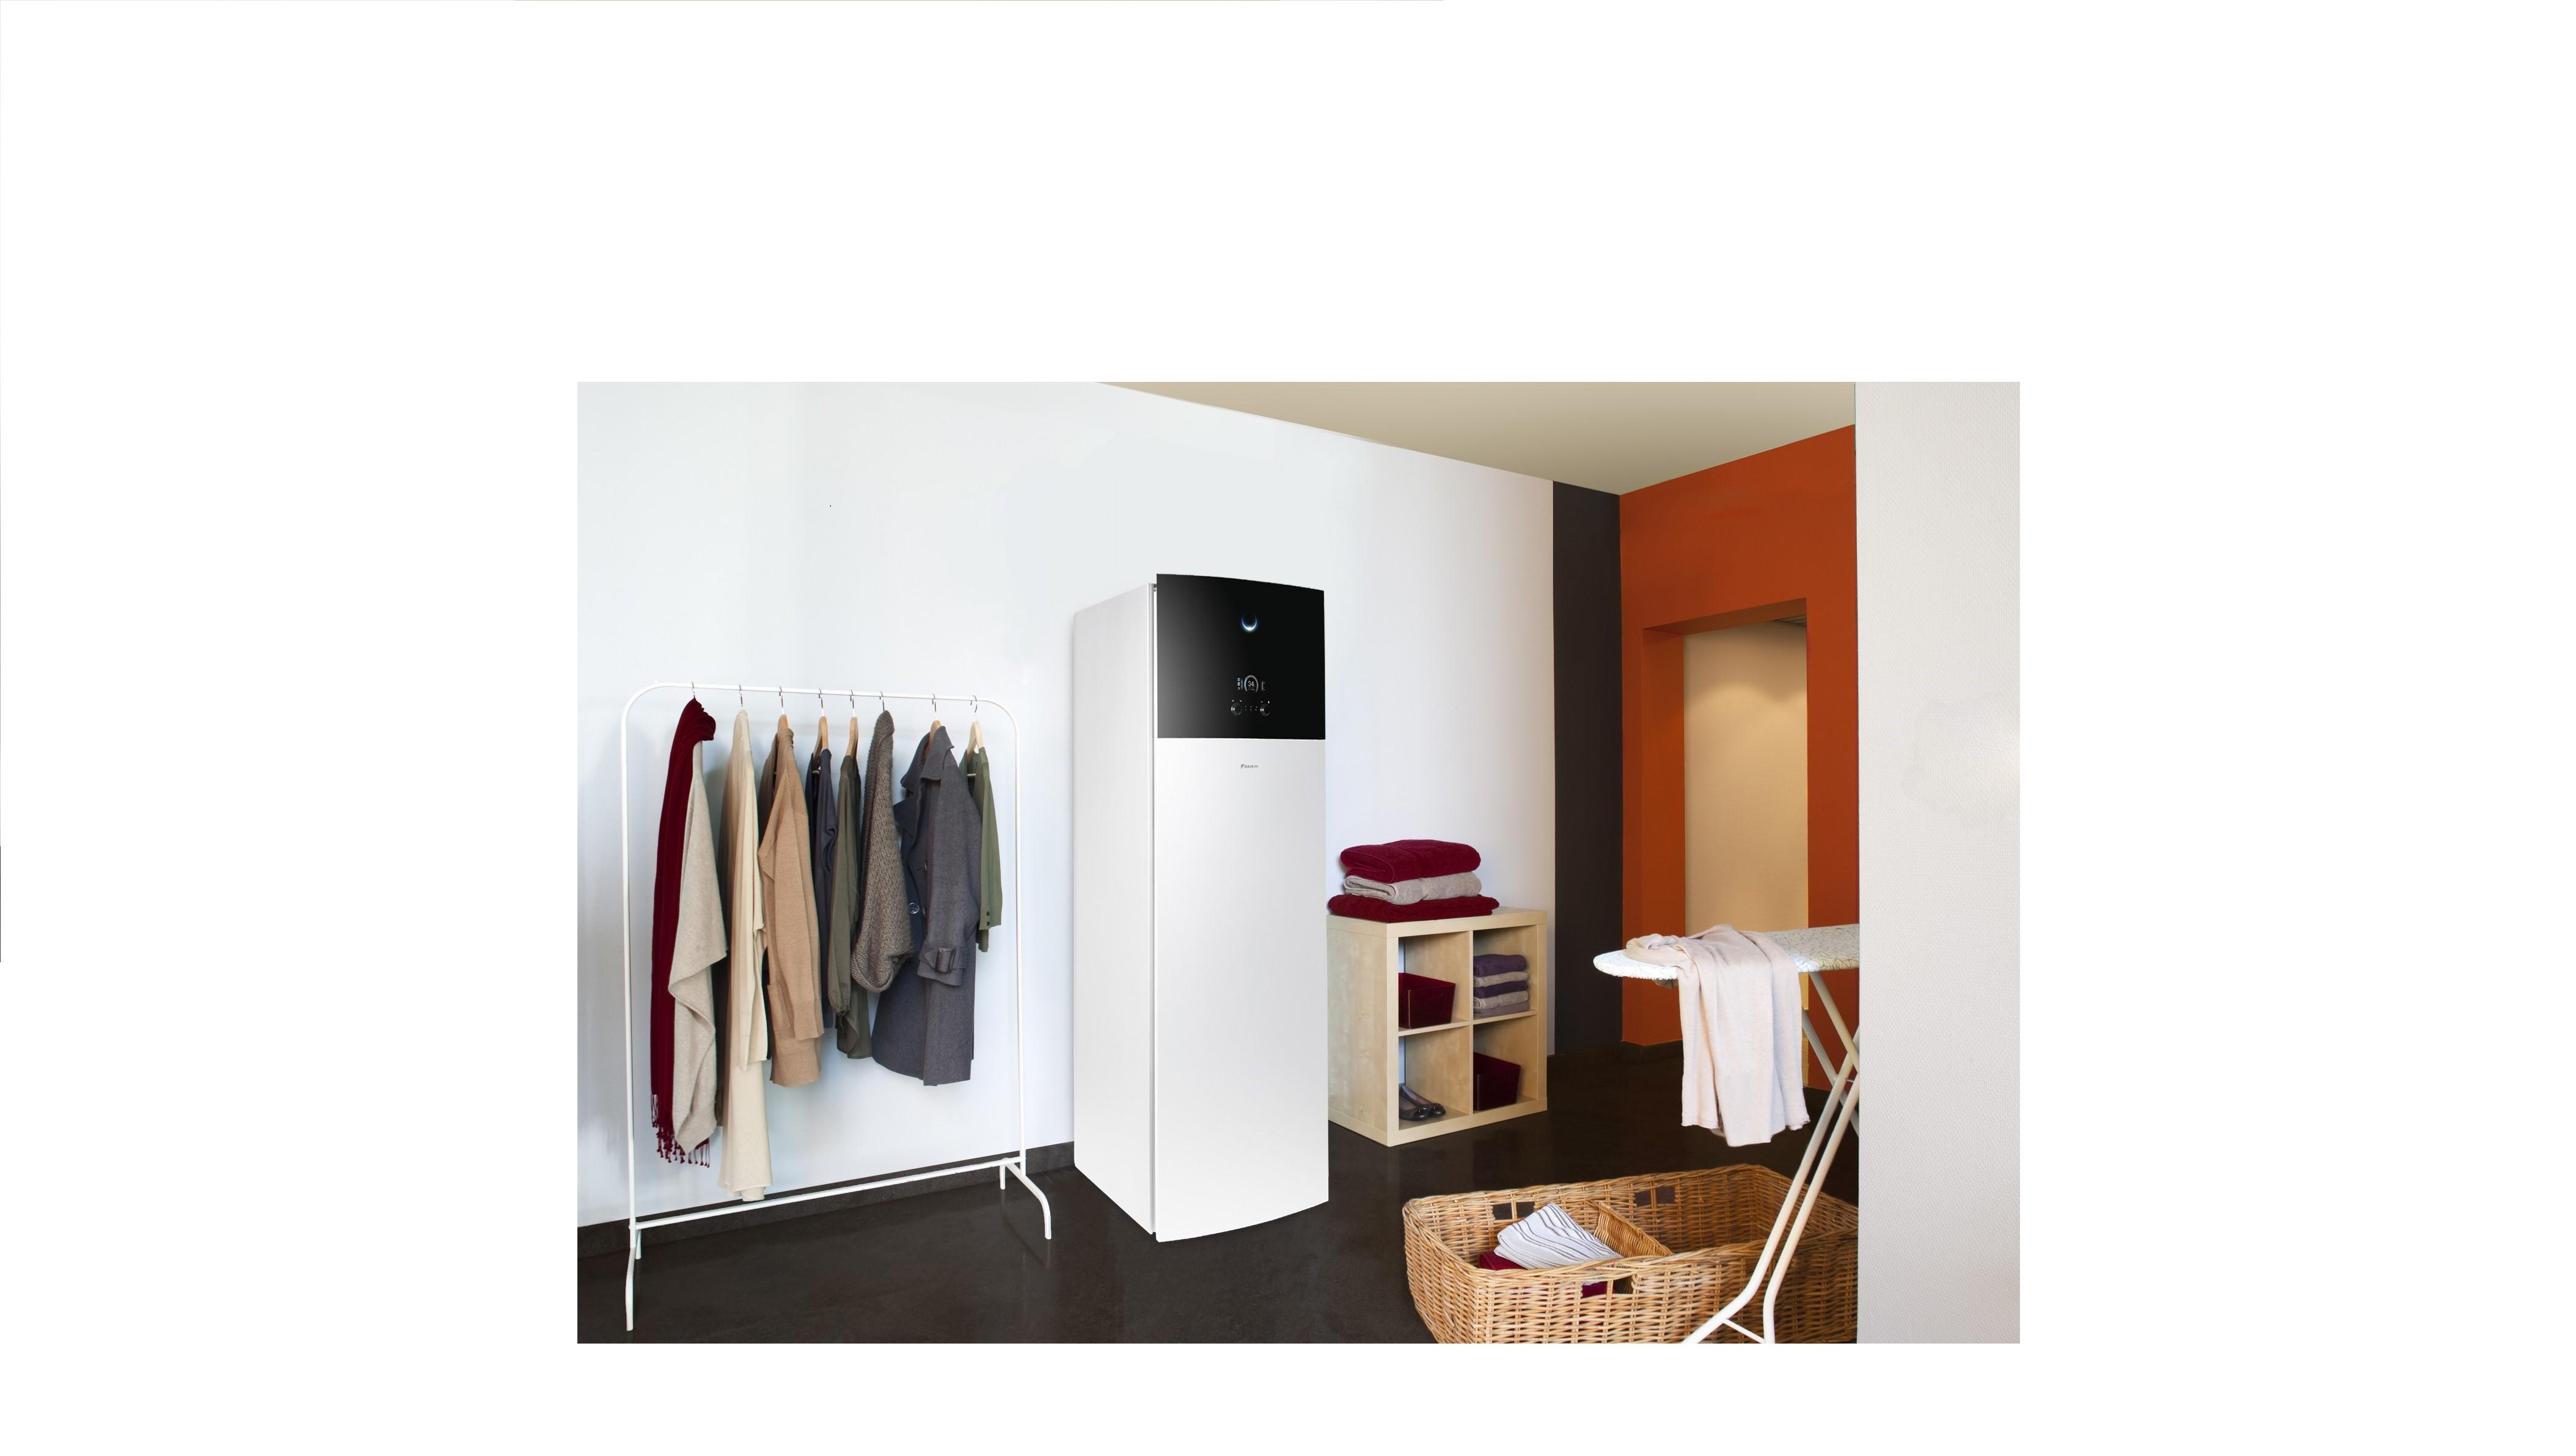 hoher komfort modernes design und niedrige kosten die